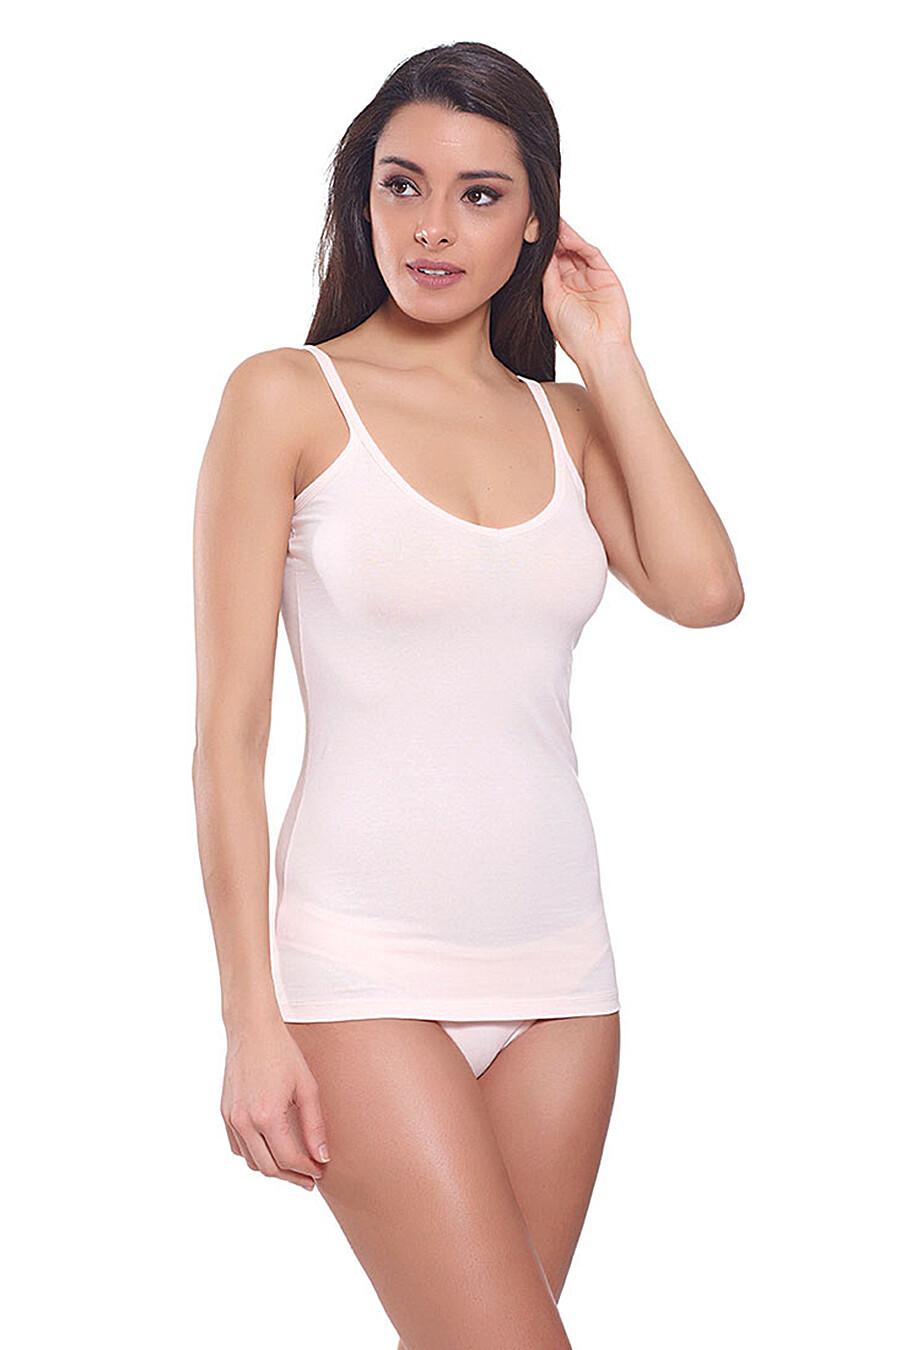 Топ для женщин PE.CHITTO 148554 купить оптом от производителя. Совместная покупка женской одежды в OptMoyo